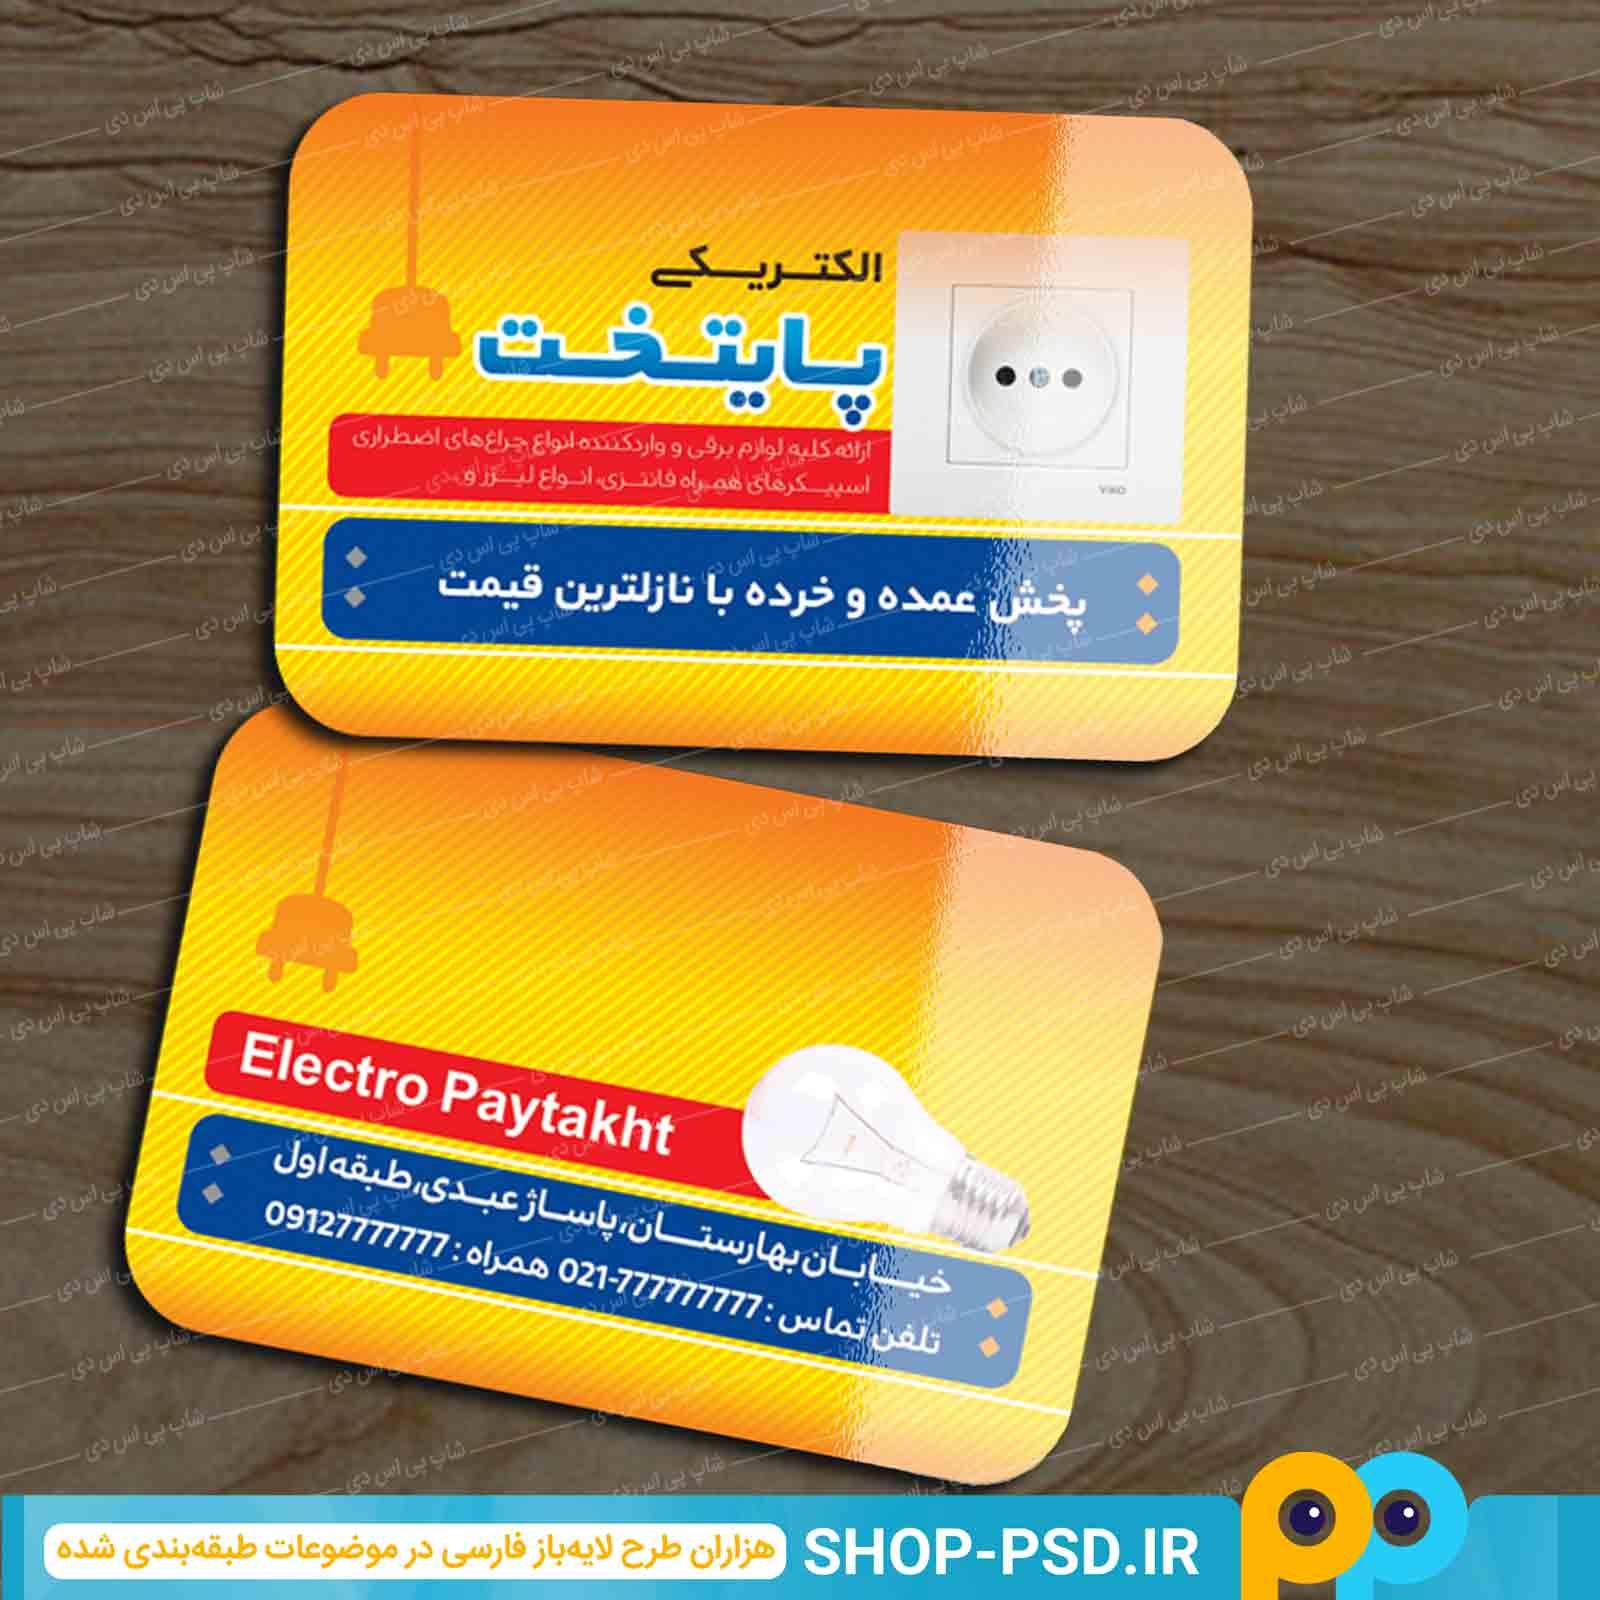 کارت ویزیت لایه باز لوازم الکتریکی